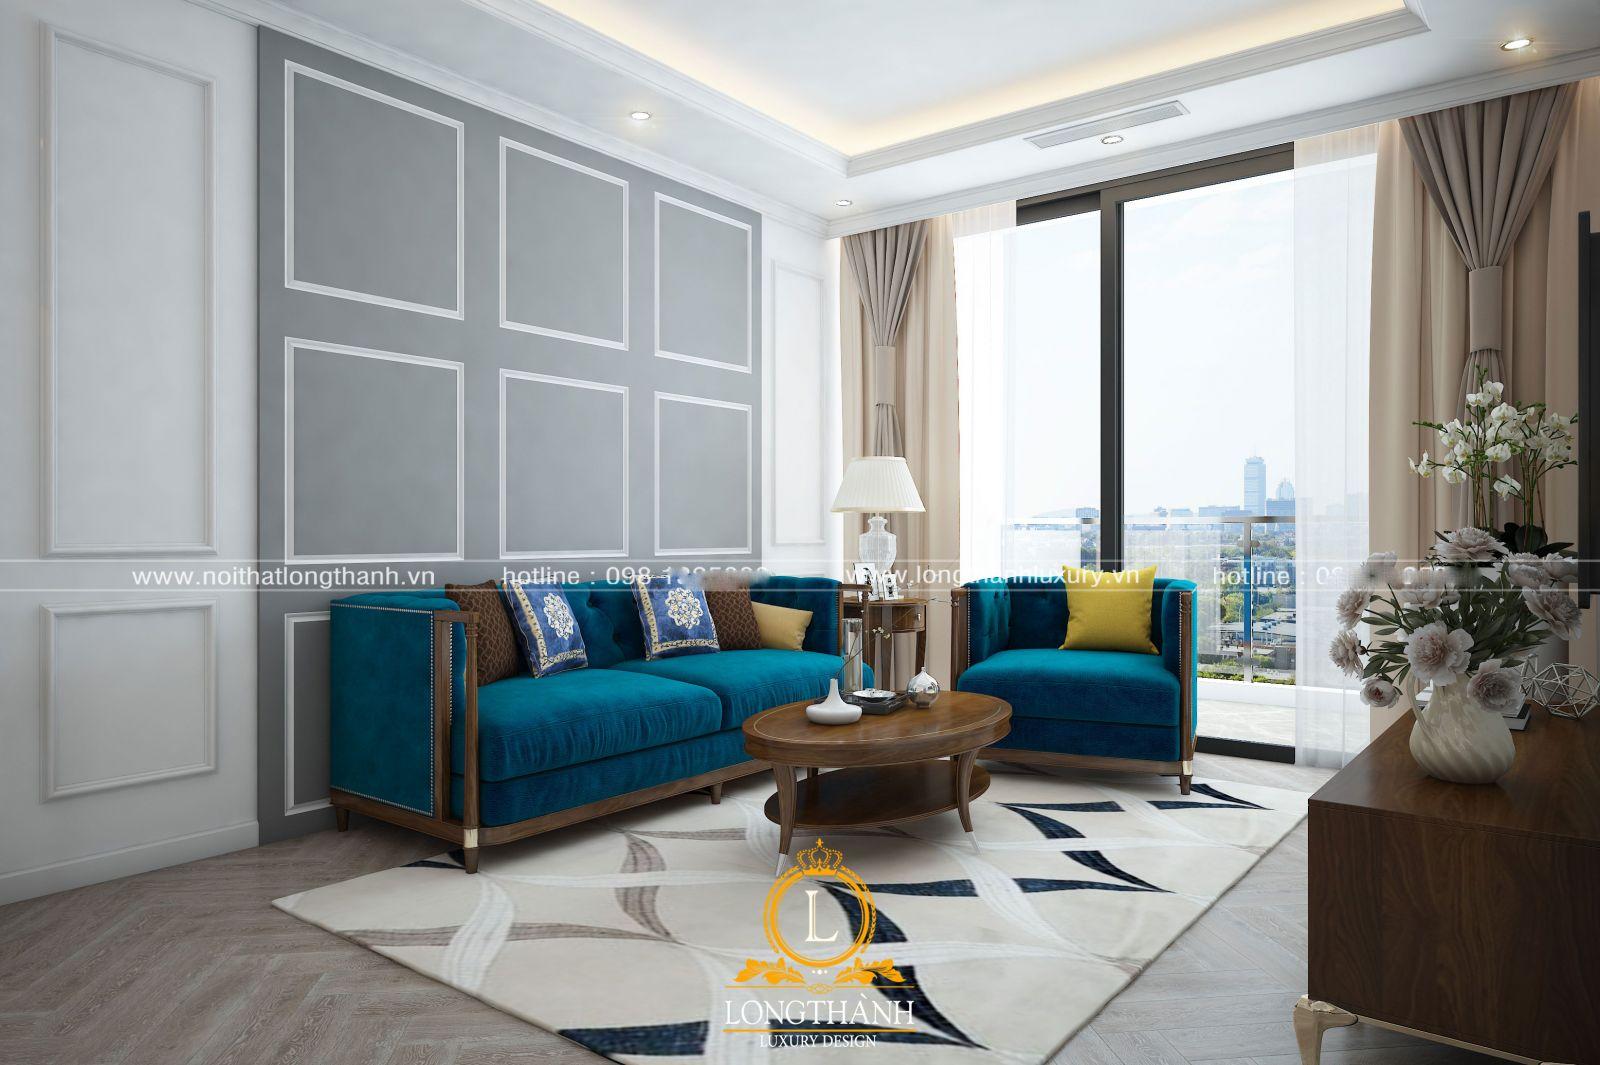 Khi lựa chọn mua sofa nhung cần lưu ý một số vấn đề về chất liệu màu sắc